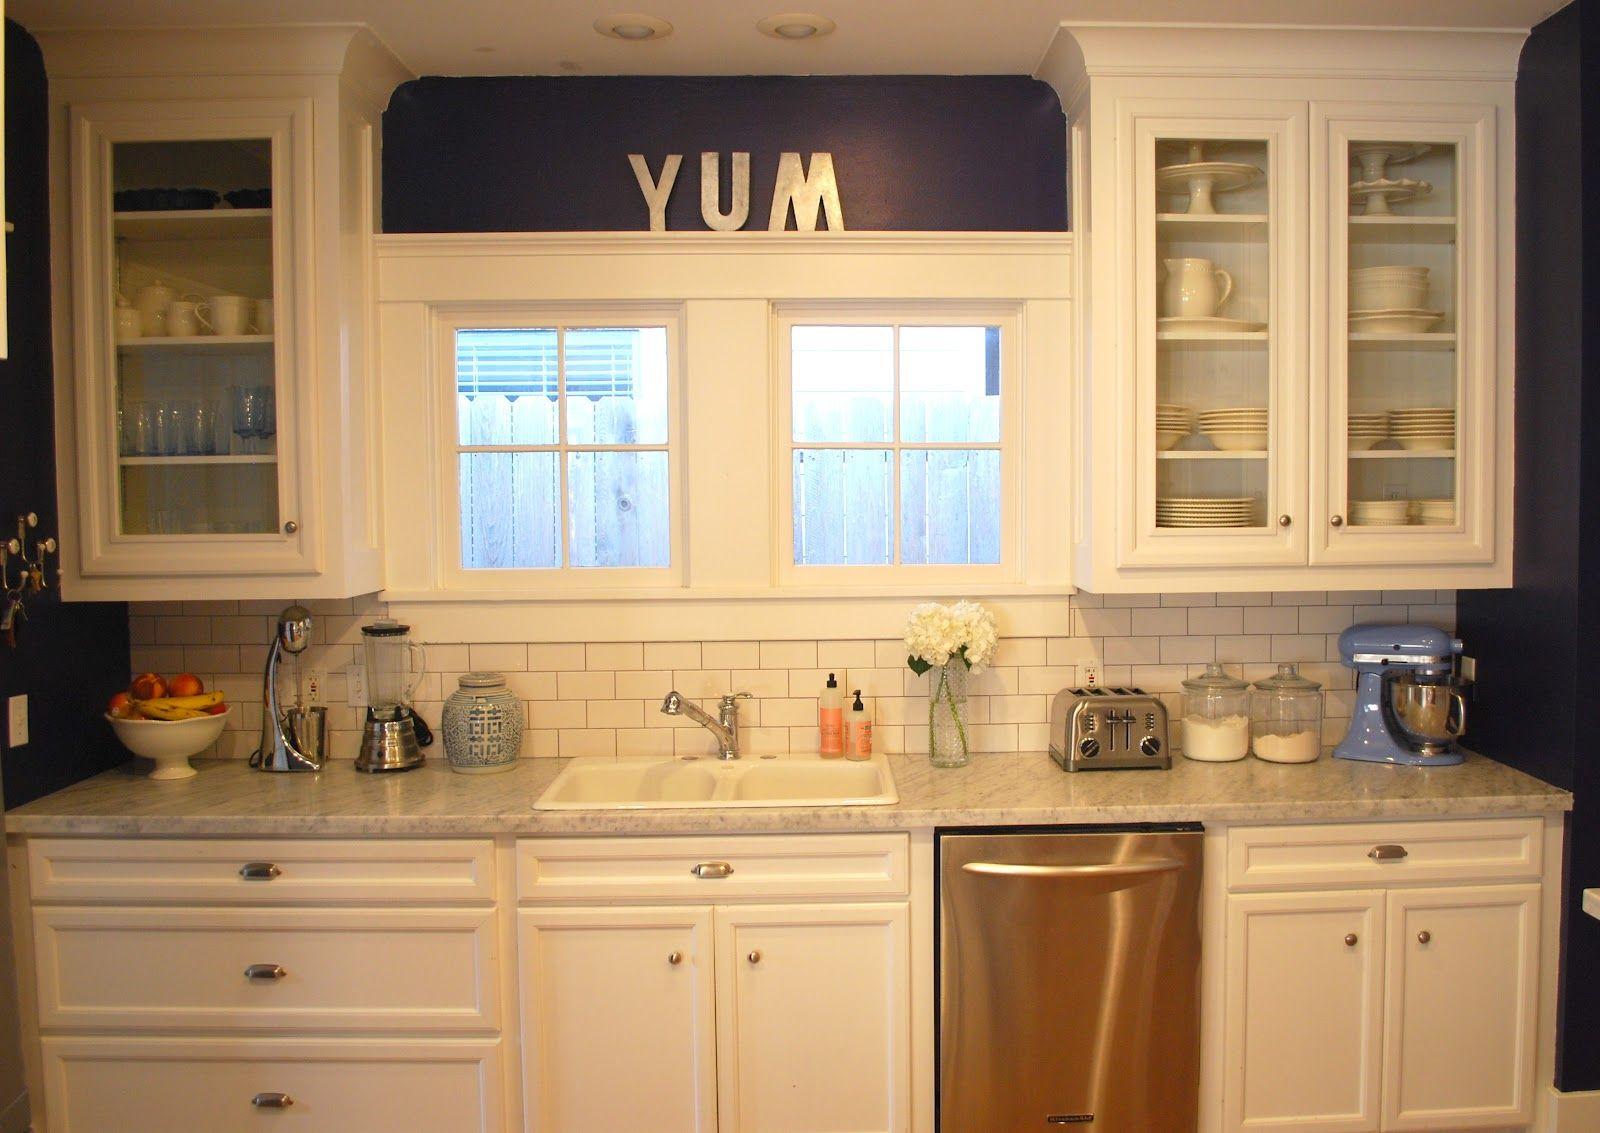 cream subway tile, dark grout | kitchen | Pinterest | Grout, Subway ...